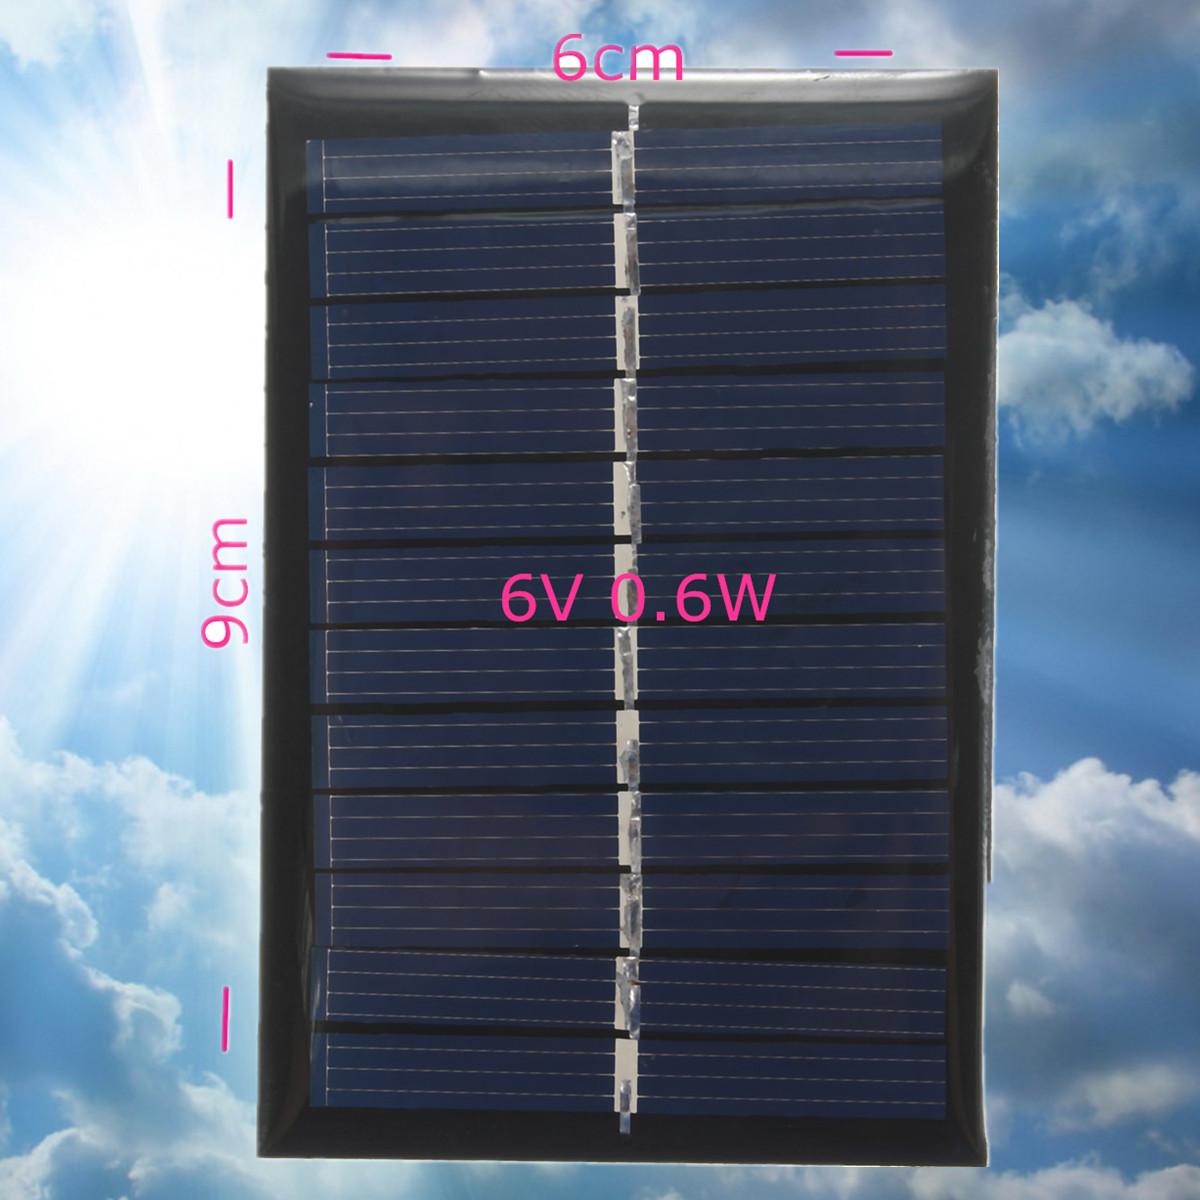 Pannelli solari fotovoltaici monocristallino o policristallino 24